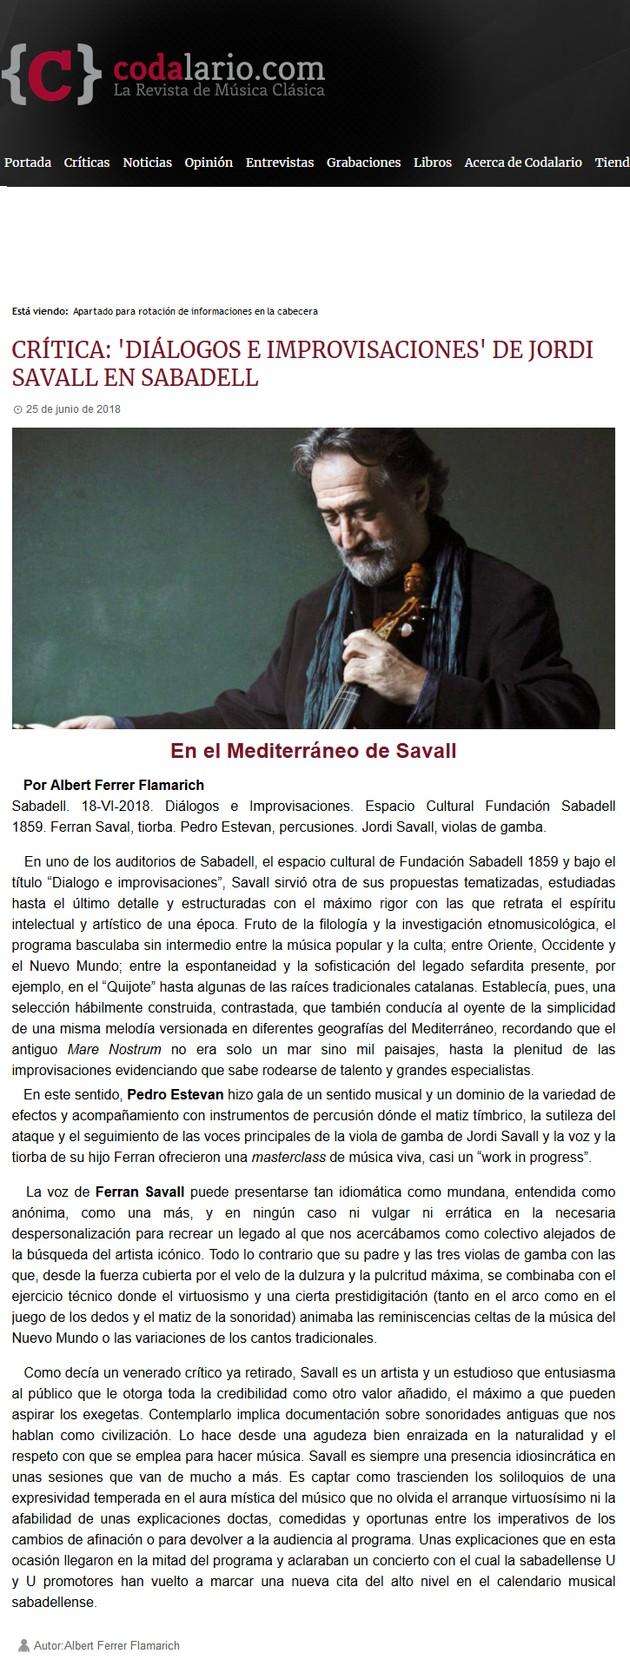 Codalario: Crítica 'Diálogos e Improvisaciones' de Jordi Savall en Sabadell